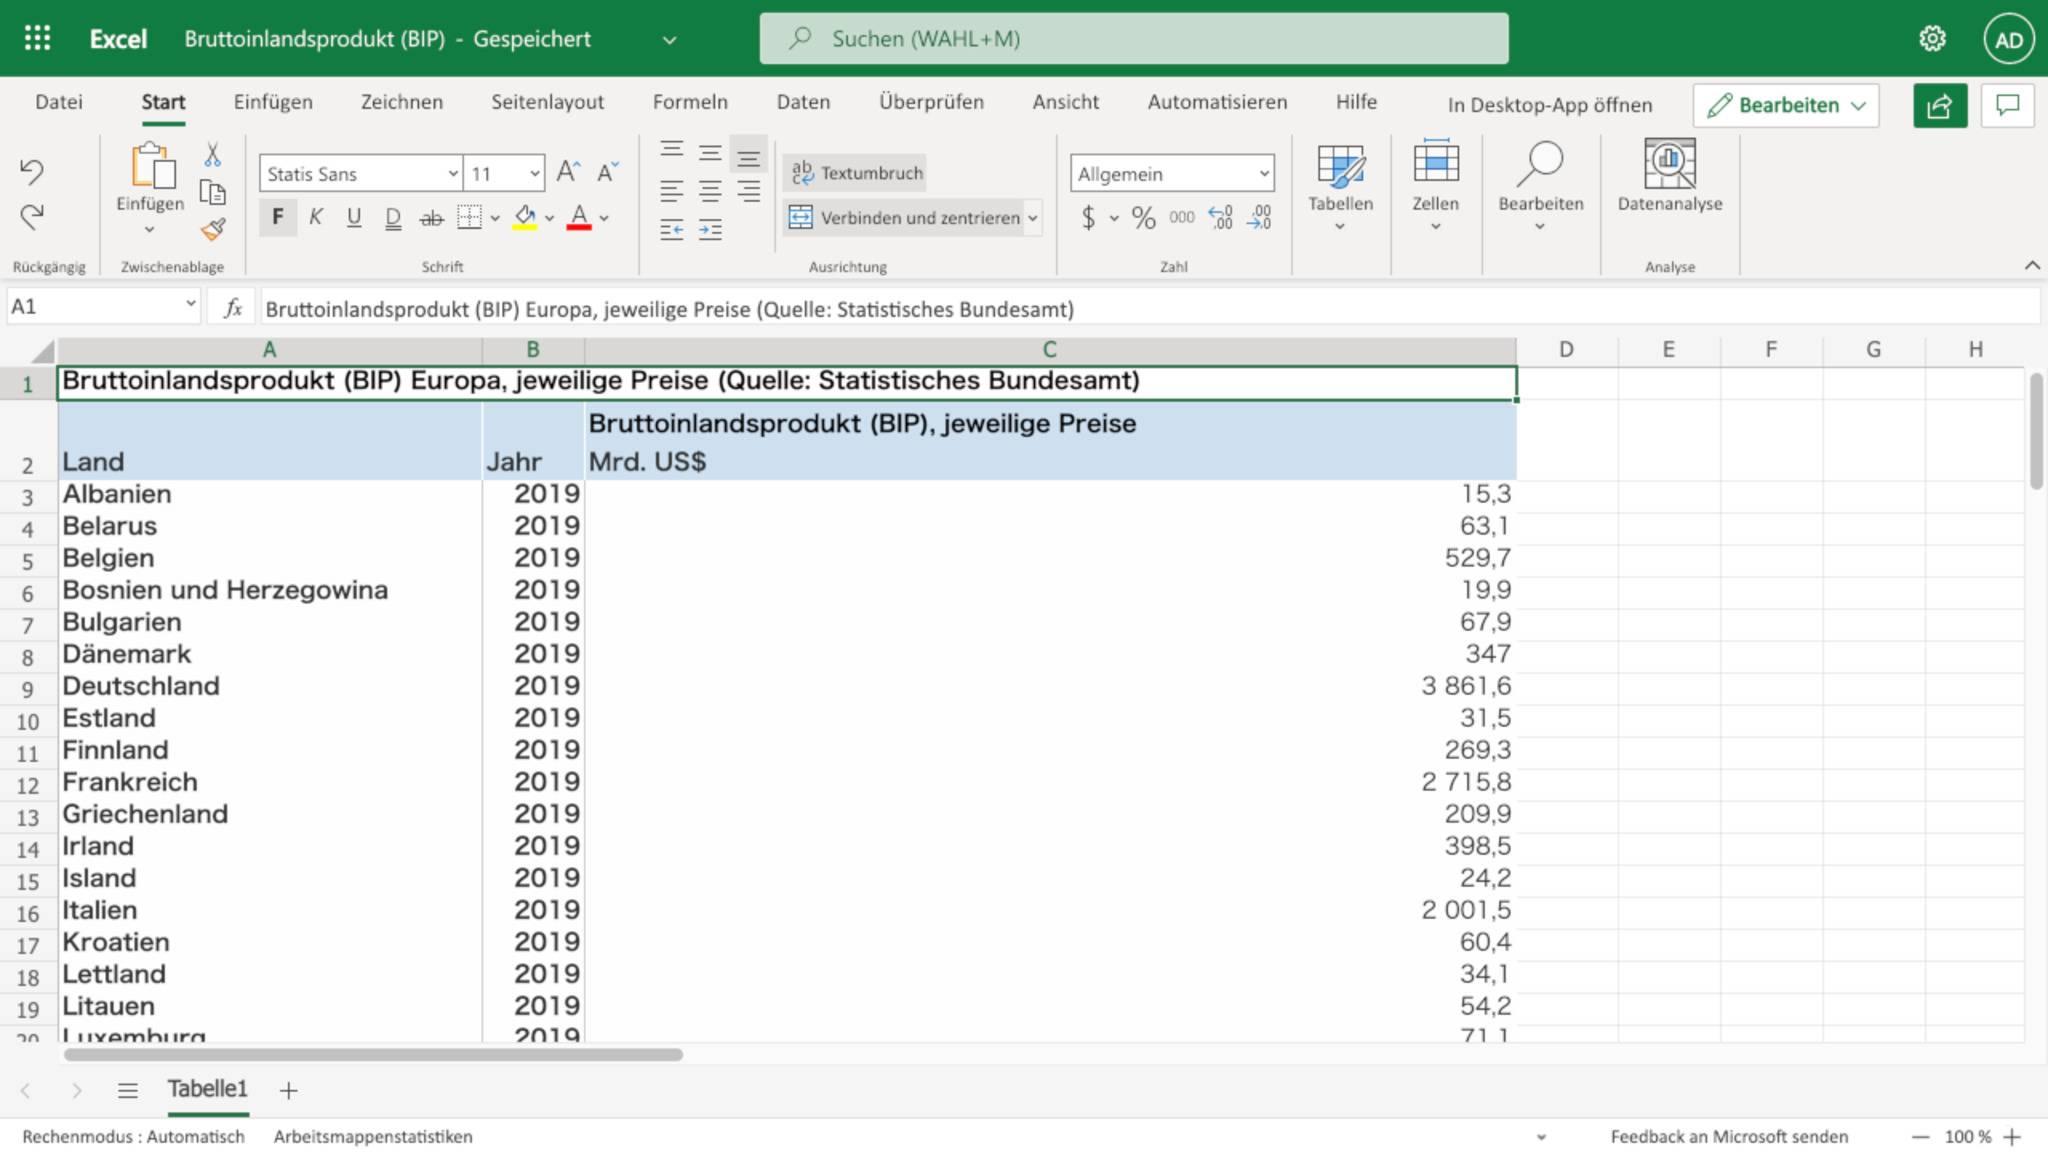 Excels Funktionsvielfalt überwältigt auf den ersten Blick. Mit ein bisschen Übung ist das Programm jedoch sehr zugänglich.